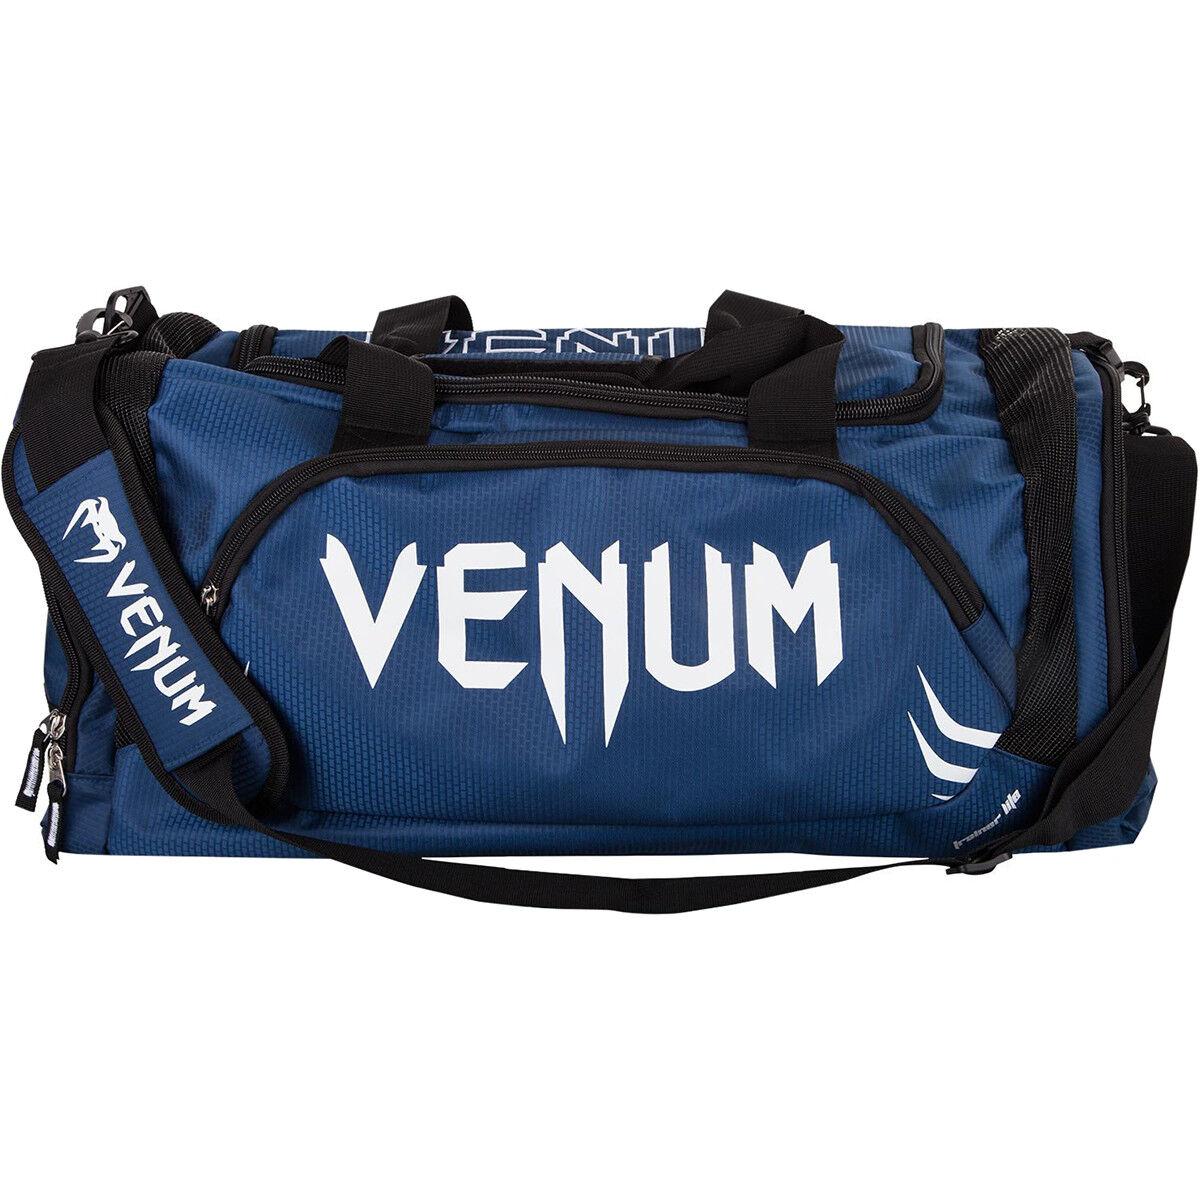 Venum Trainer Lite Sport Duffel Bag  Navy blubianca